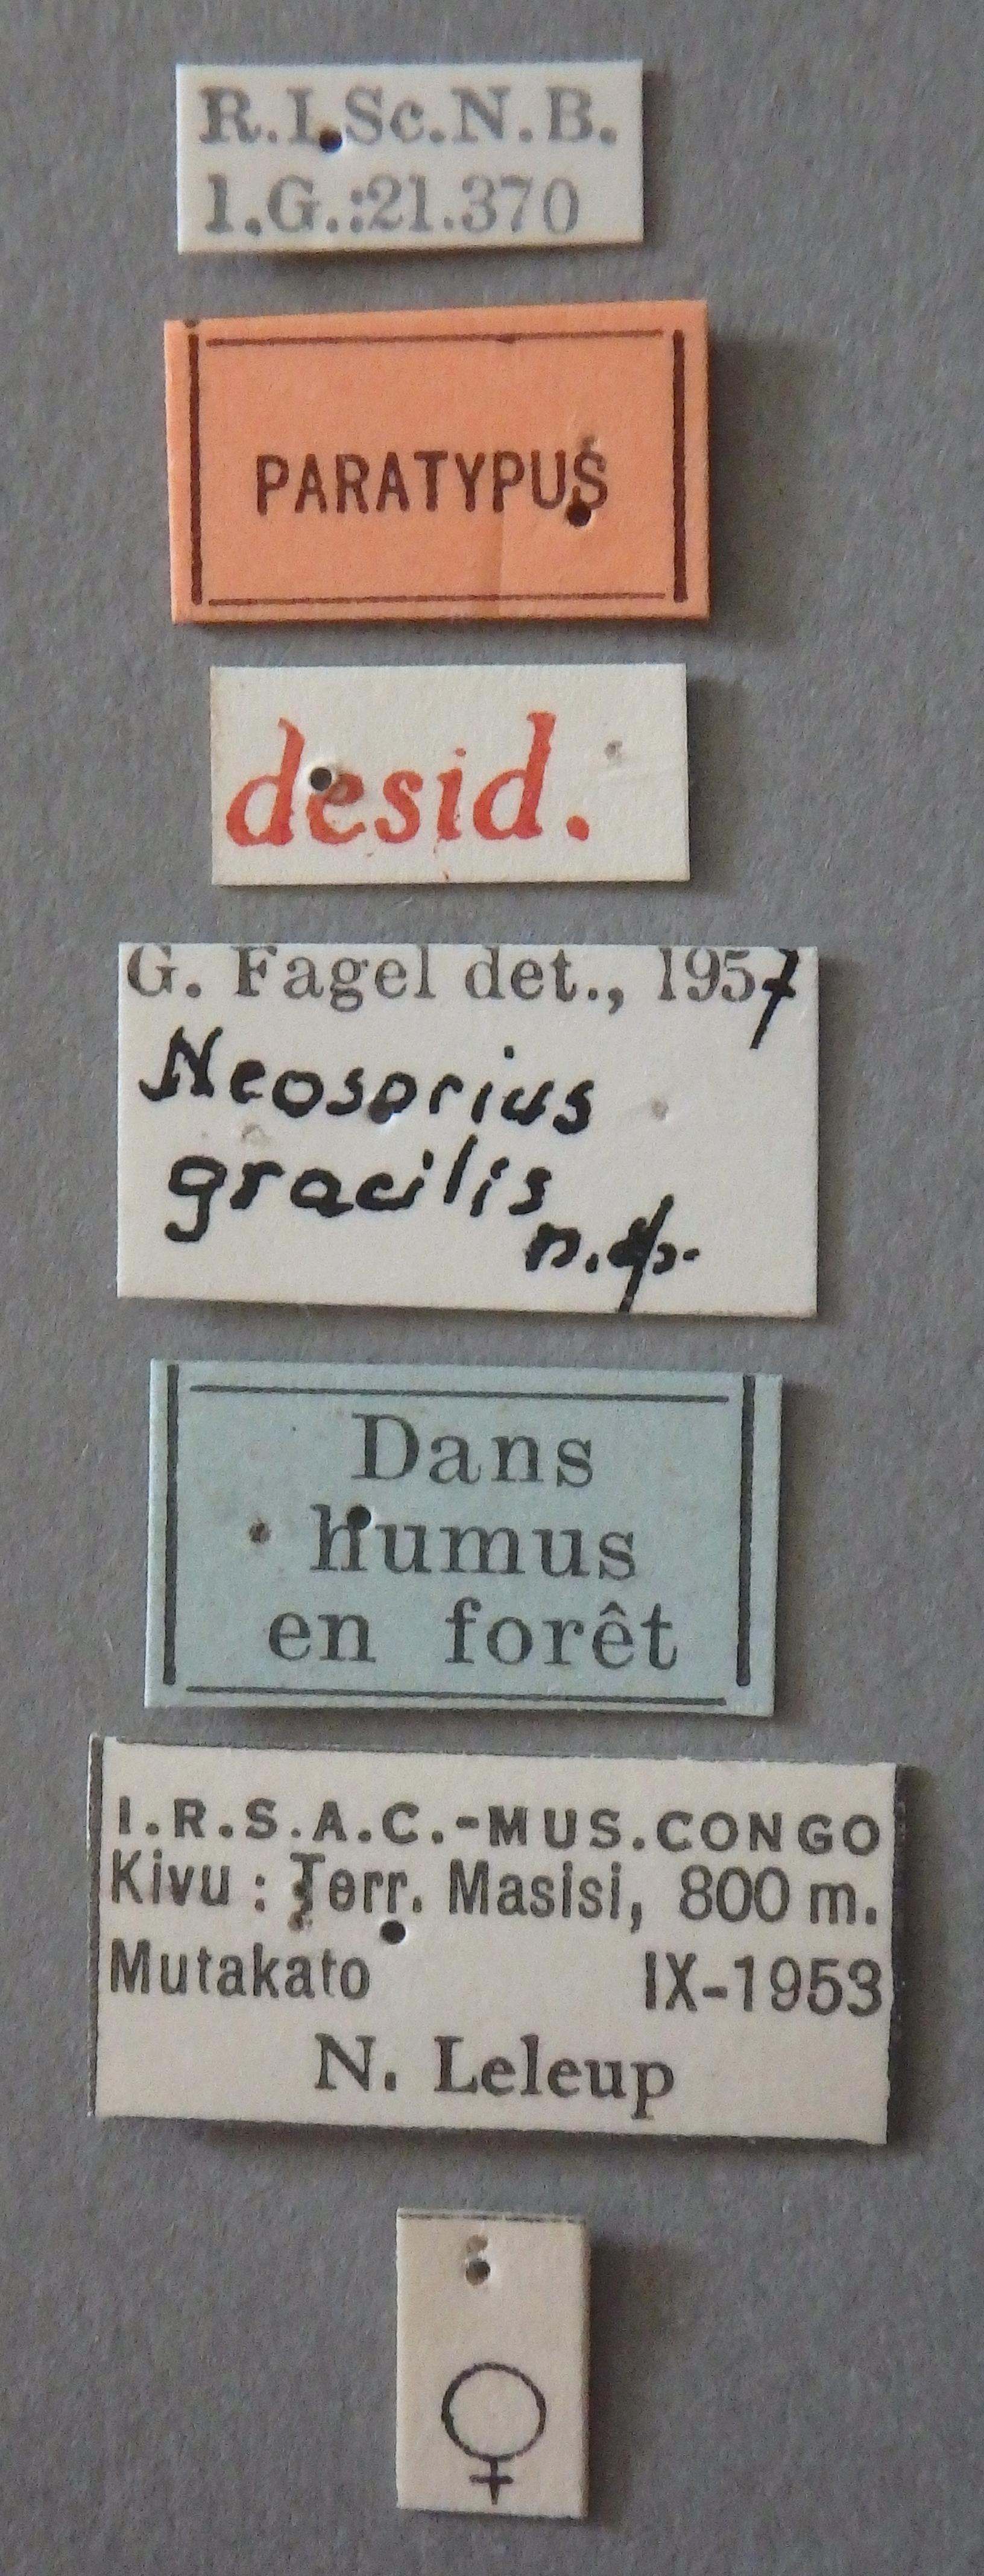 Neosorius gracilis pt Lb.JPG